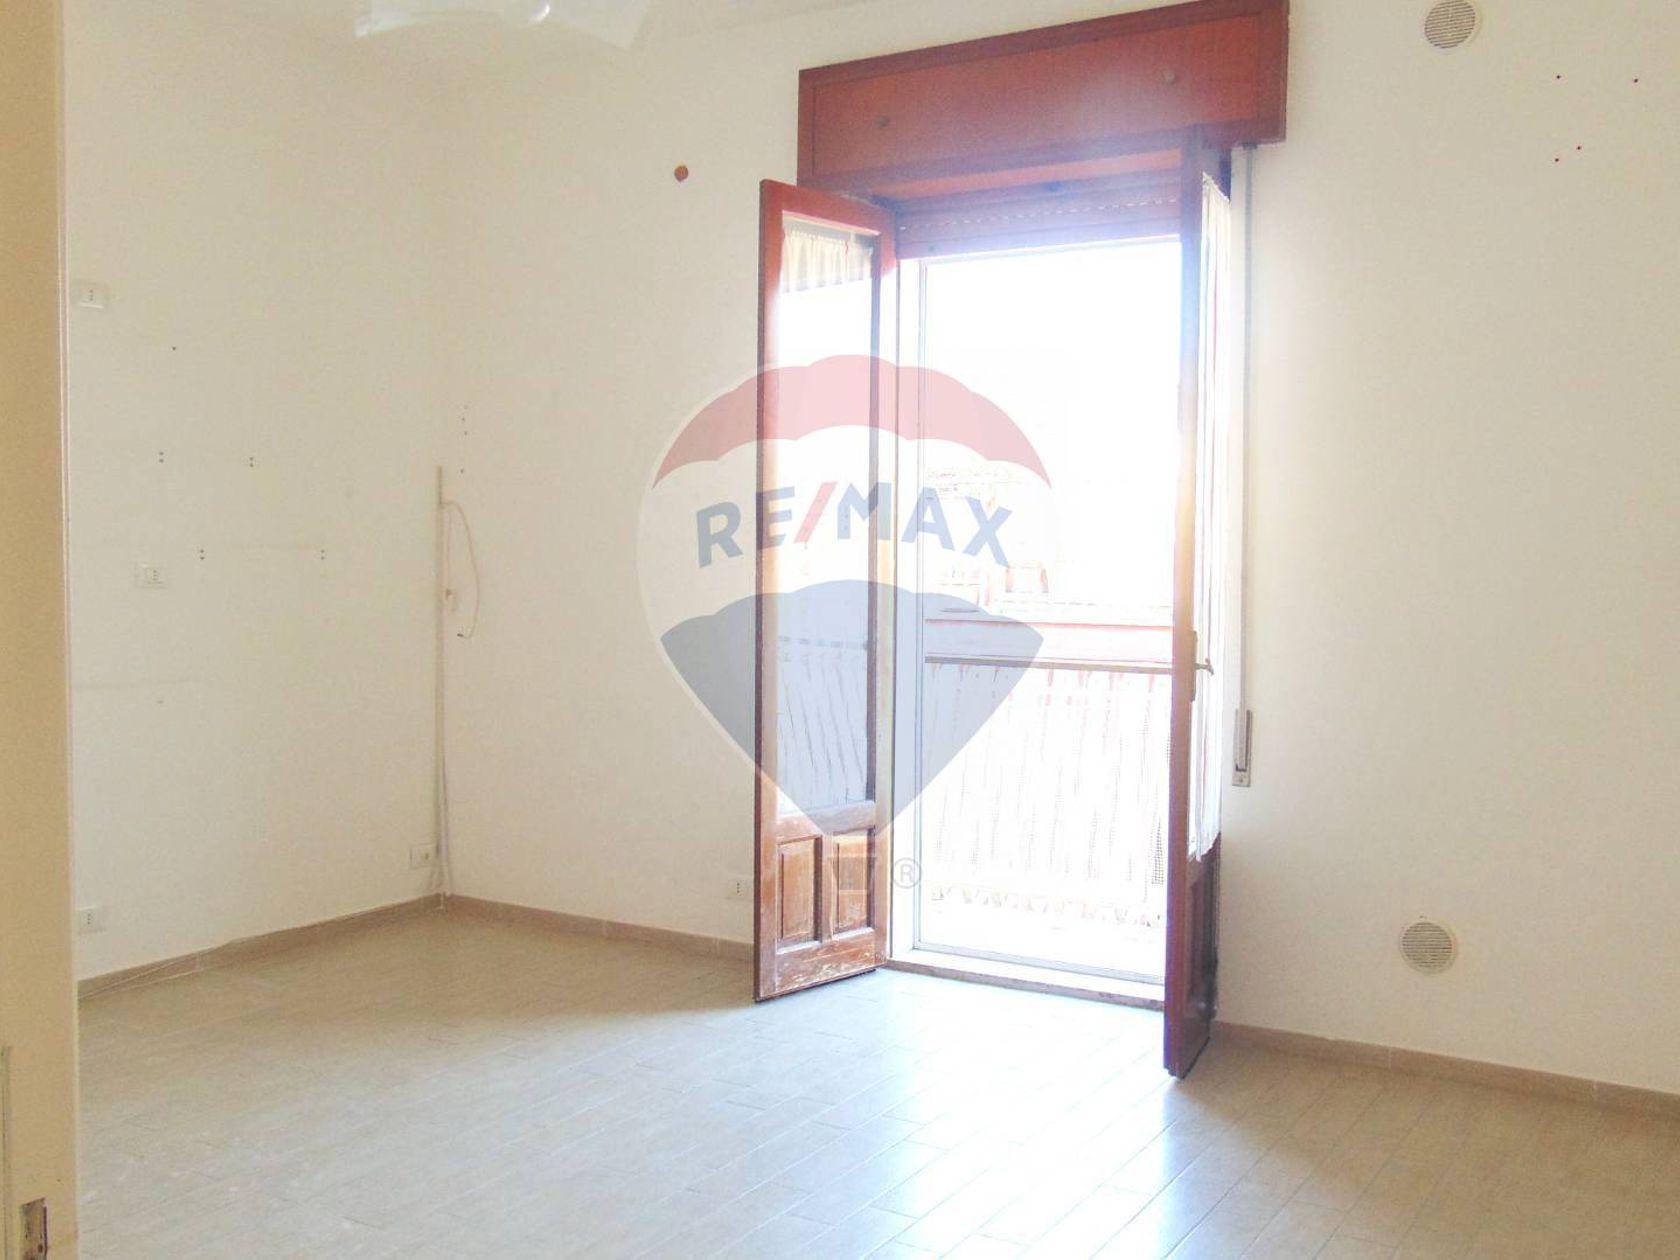 Appartamento Centro, Pozzallo, RG Affitto - Foto 2